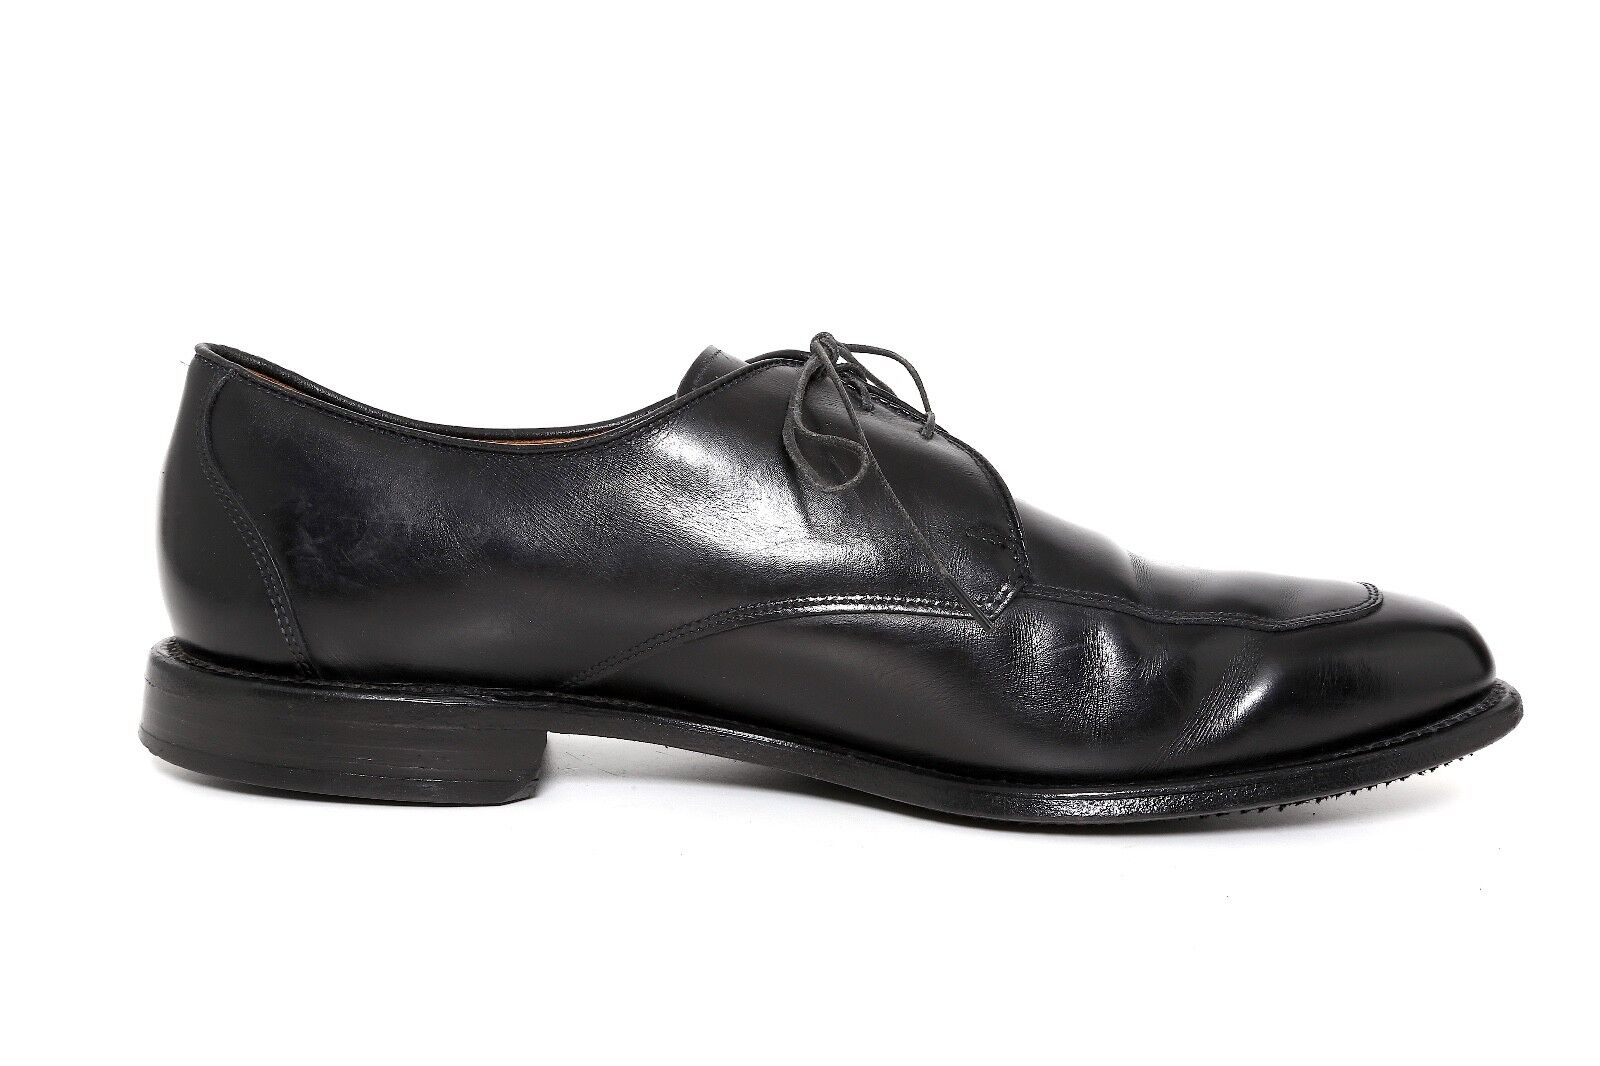 Allen Edmonds Burton Negro Cuero Hombre Oxfords Oxfords Oxfords tamaño 11.5D 1071 72eb8a